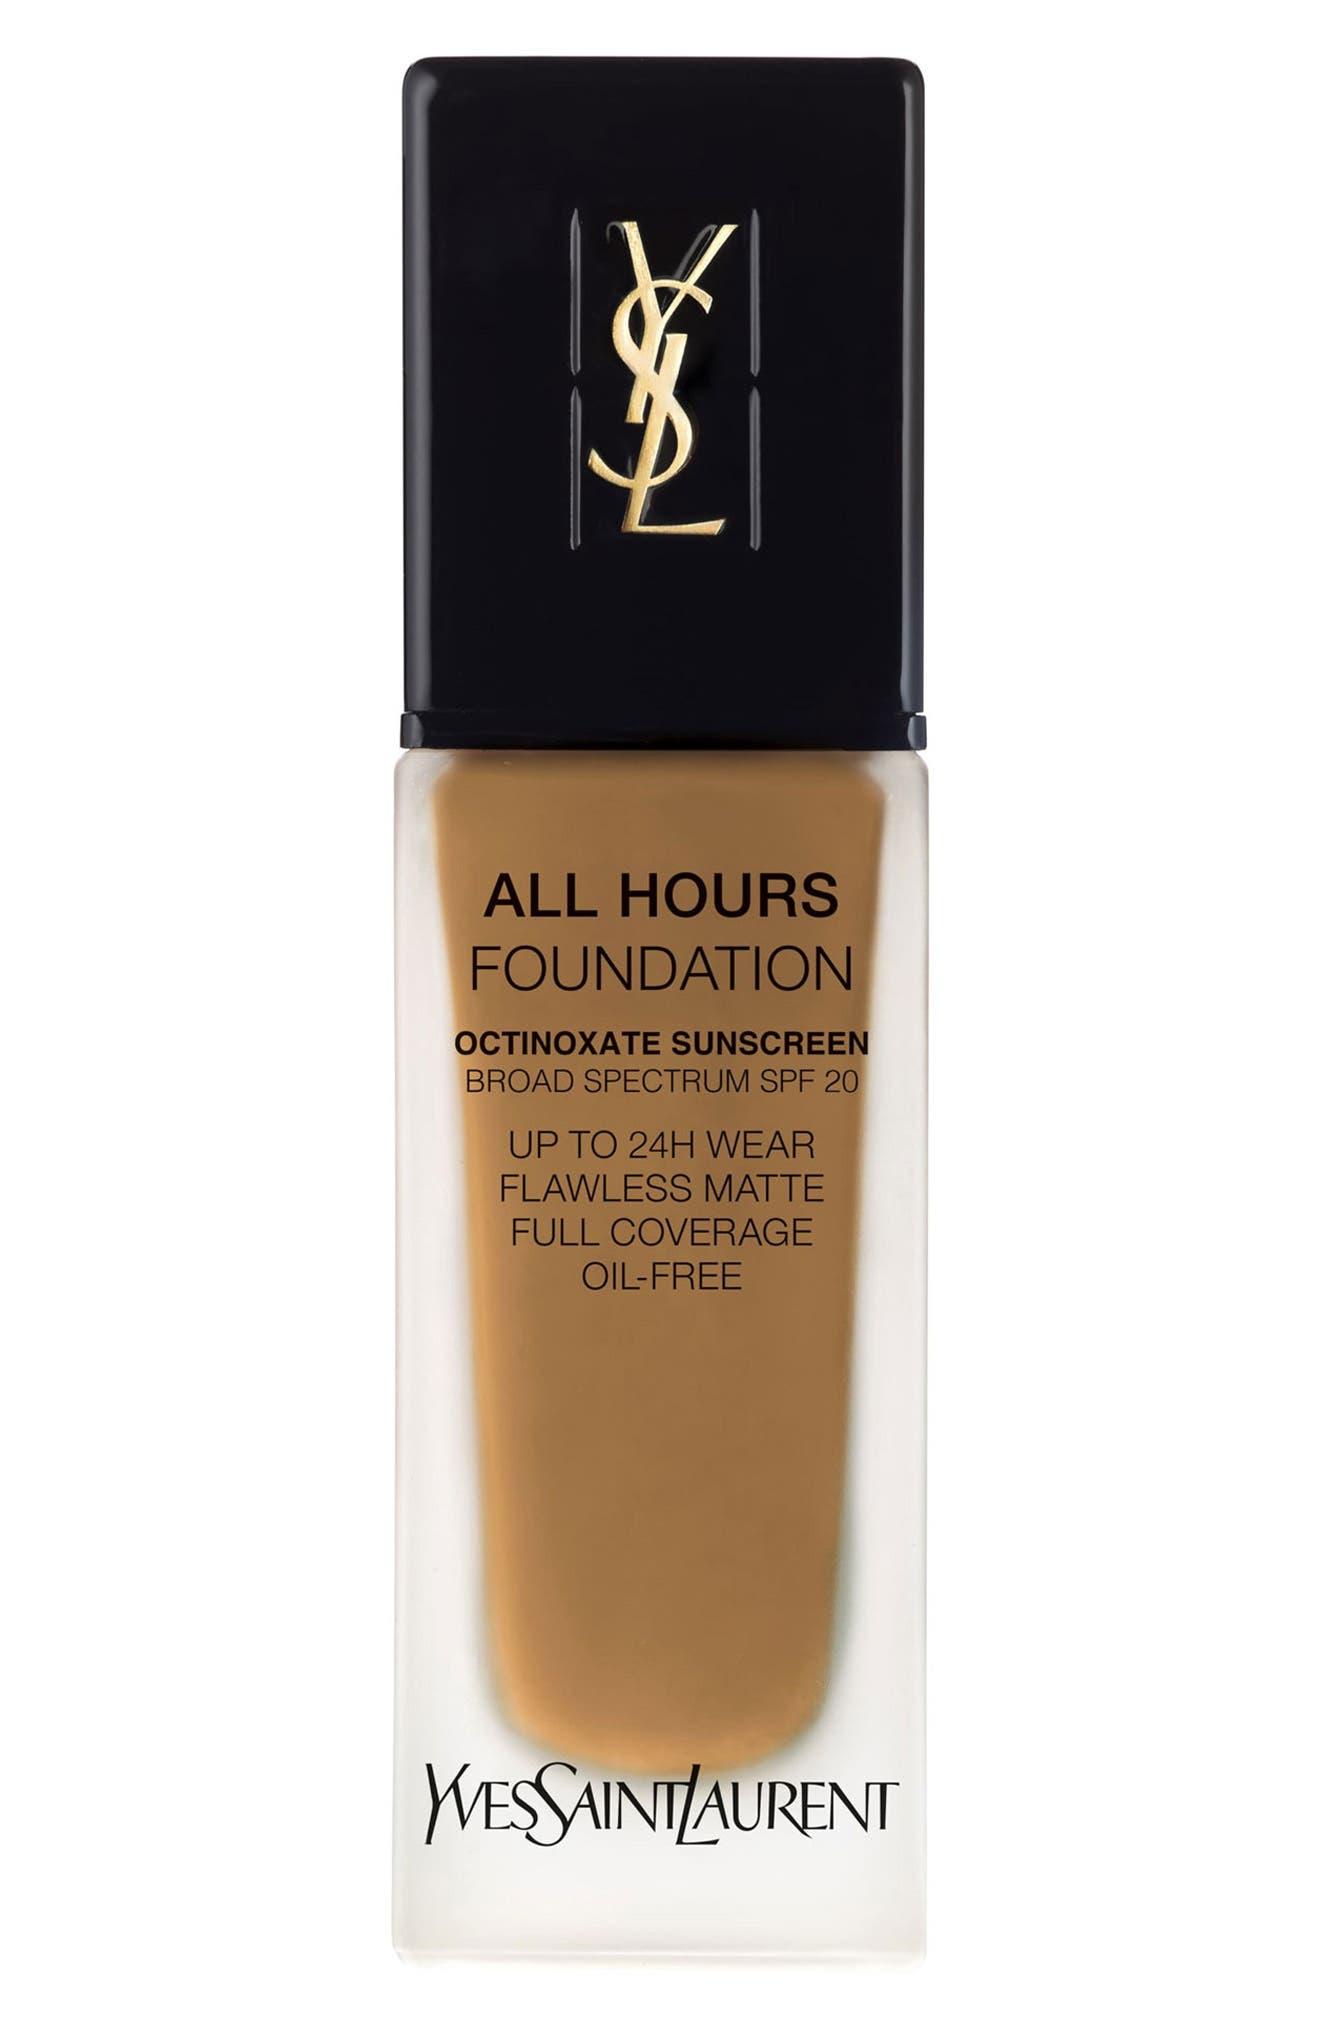 Yves Saint Laurent All Hours Full Coverage Matte Foundation Spf 20 - B75 Hazelnut